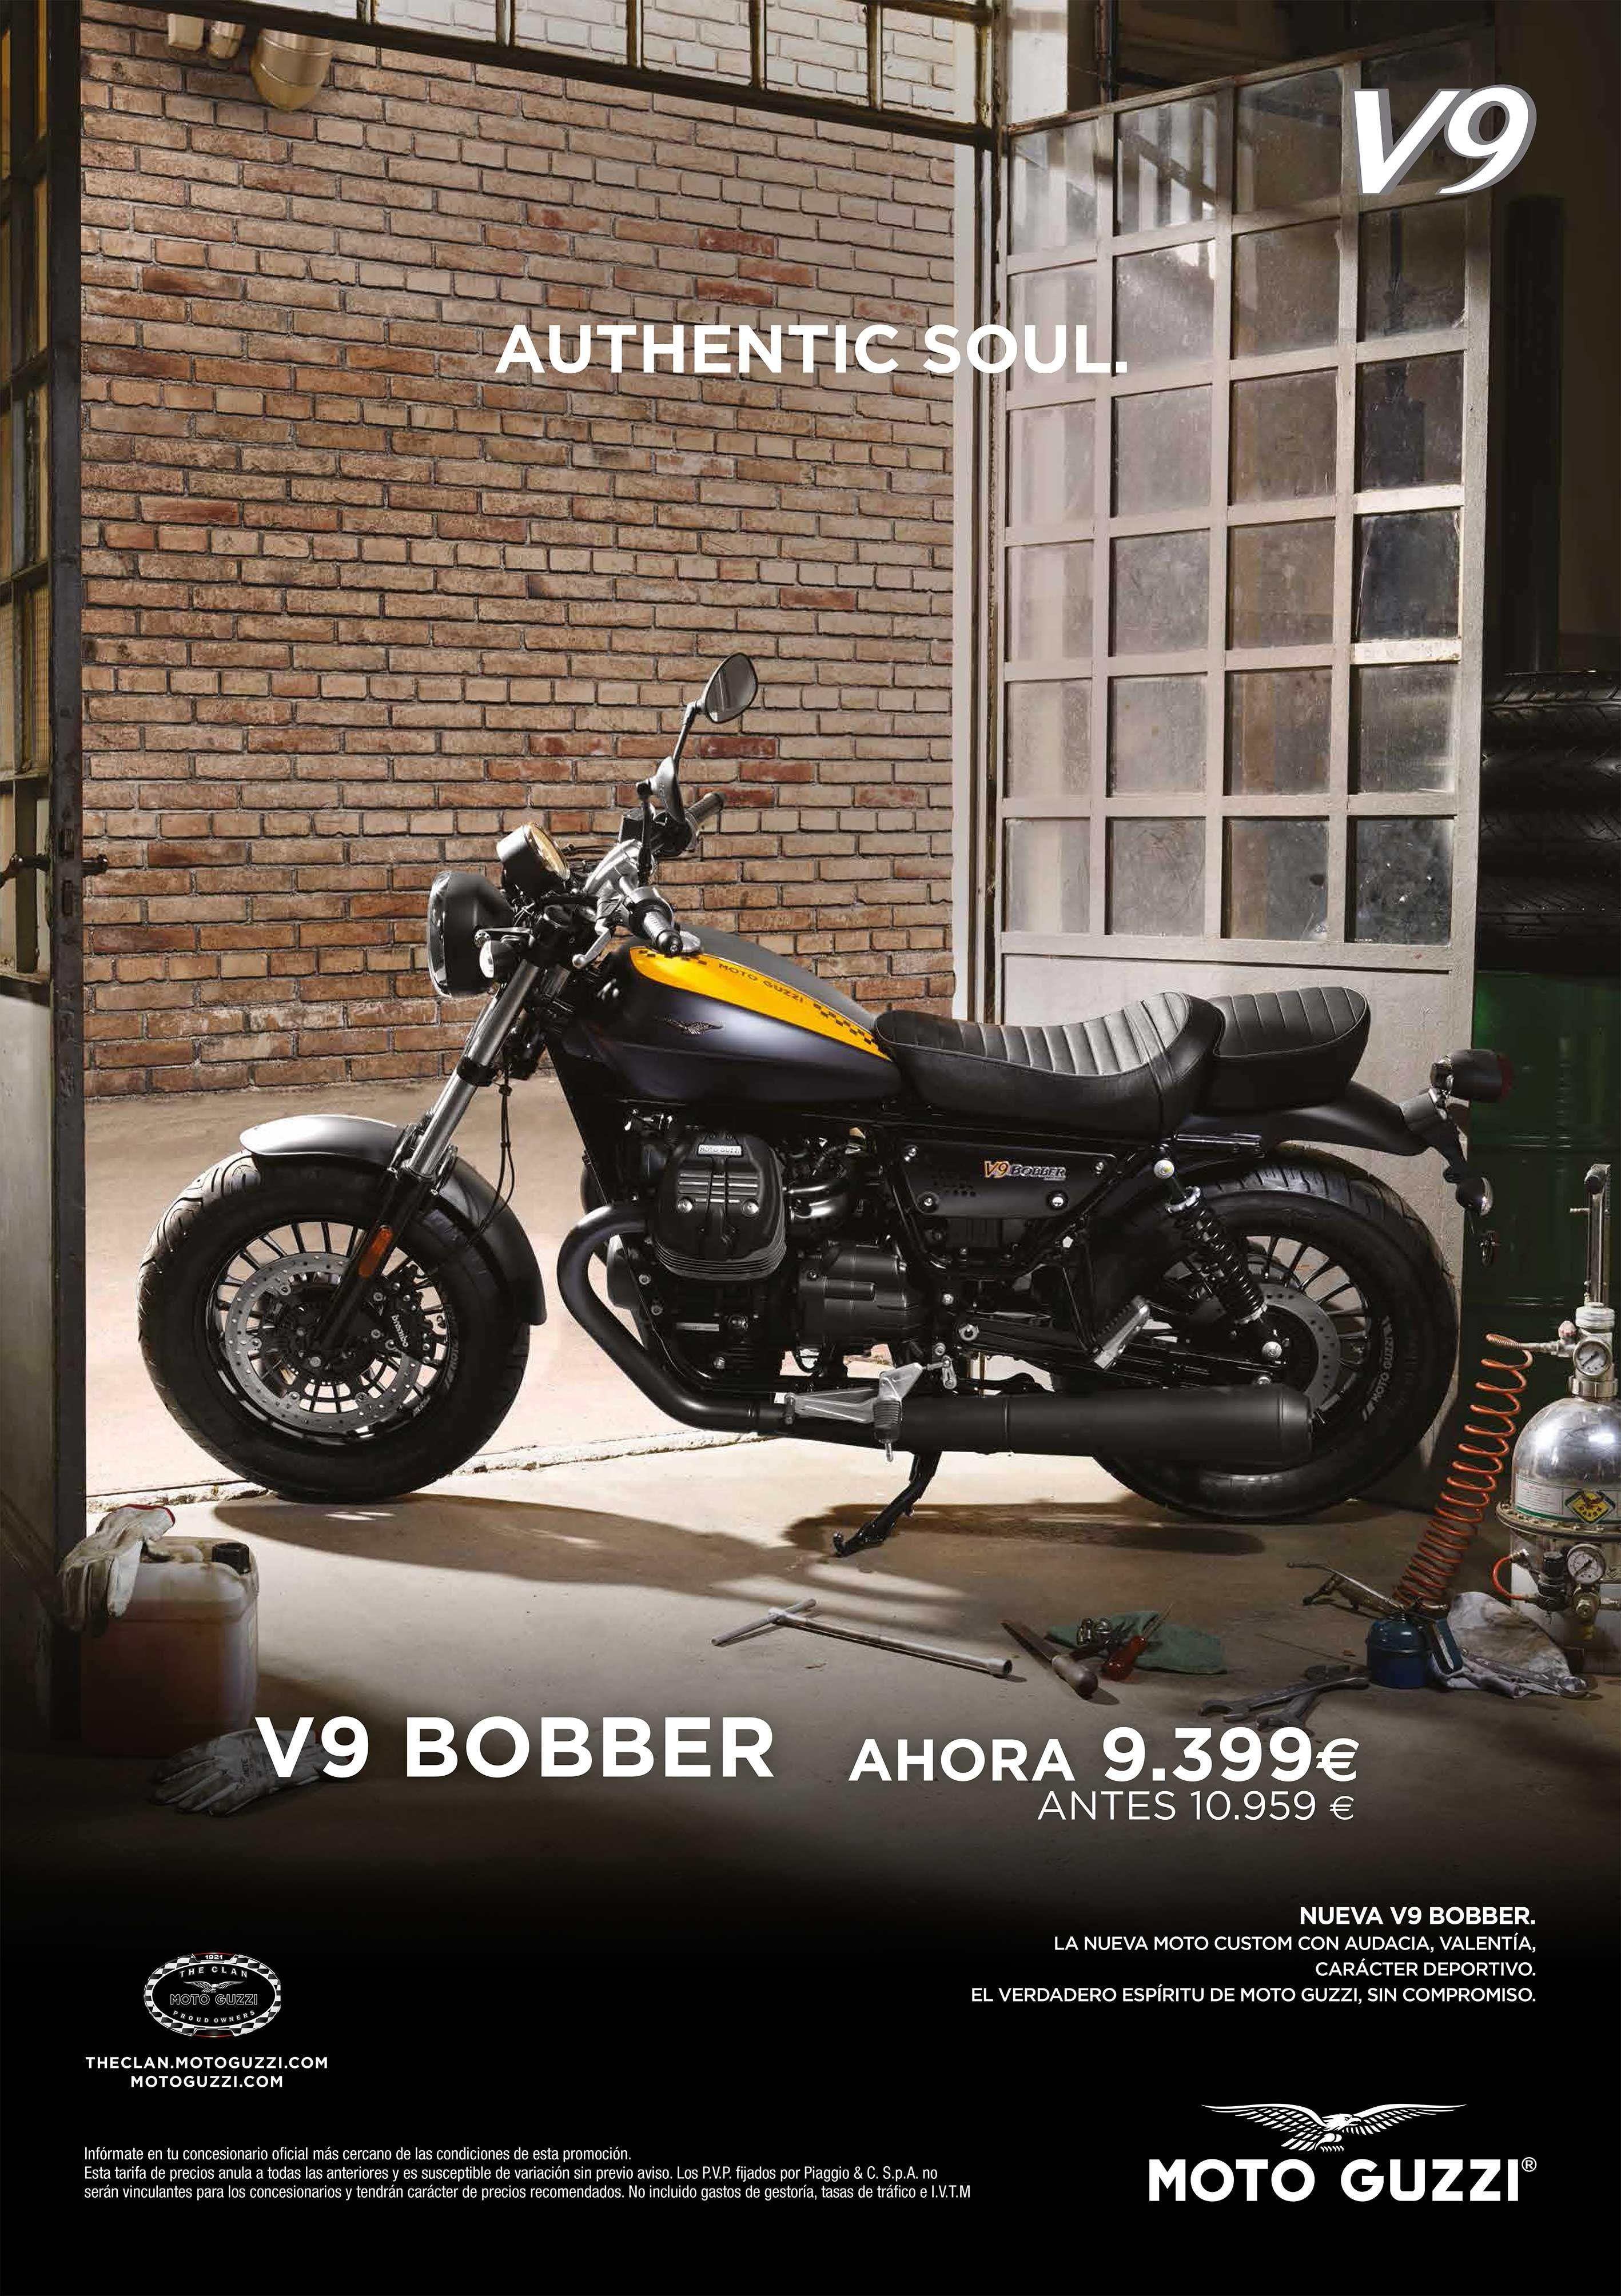 Moto Guzzi V9 Bobber por 9.399€